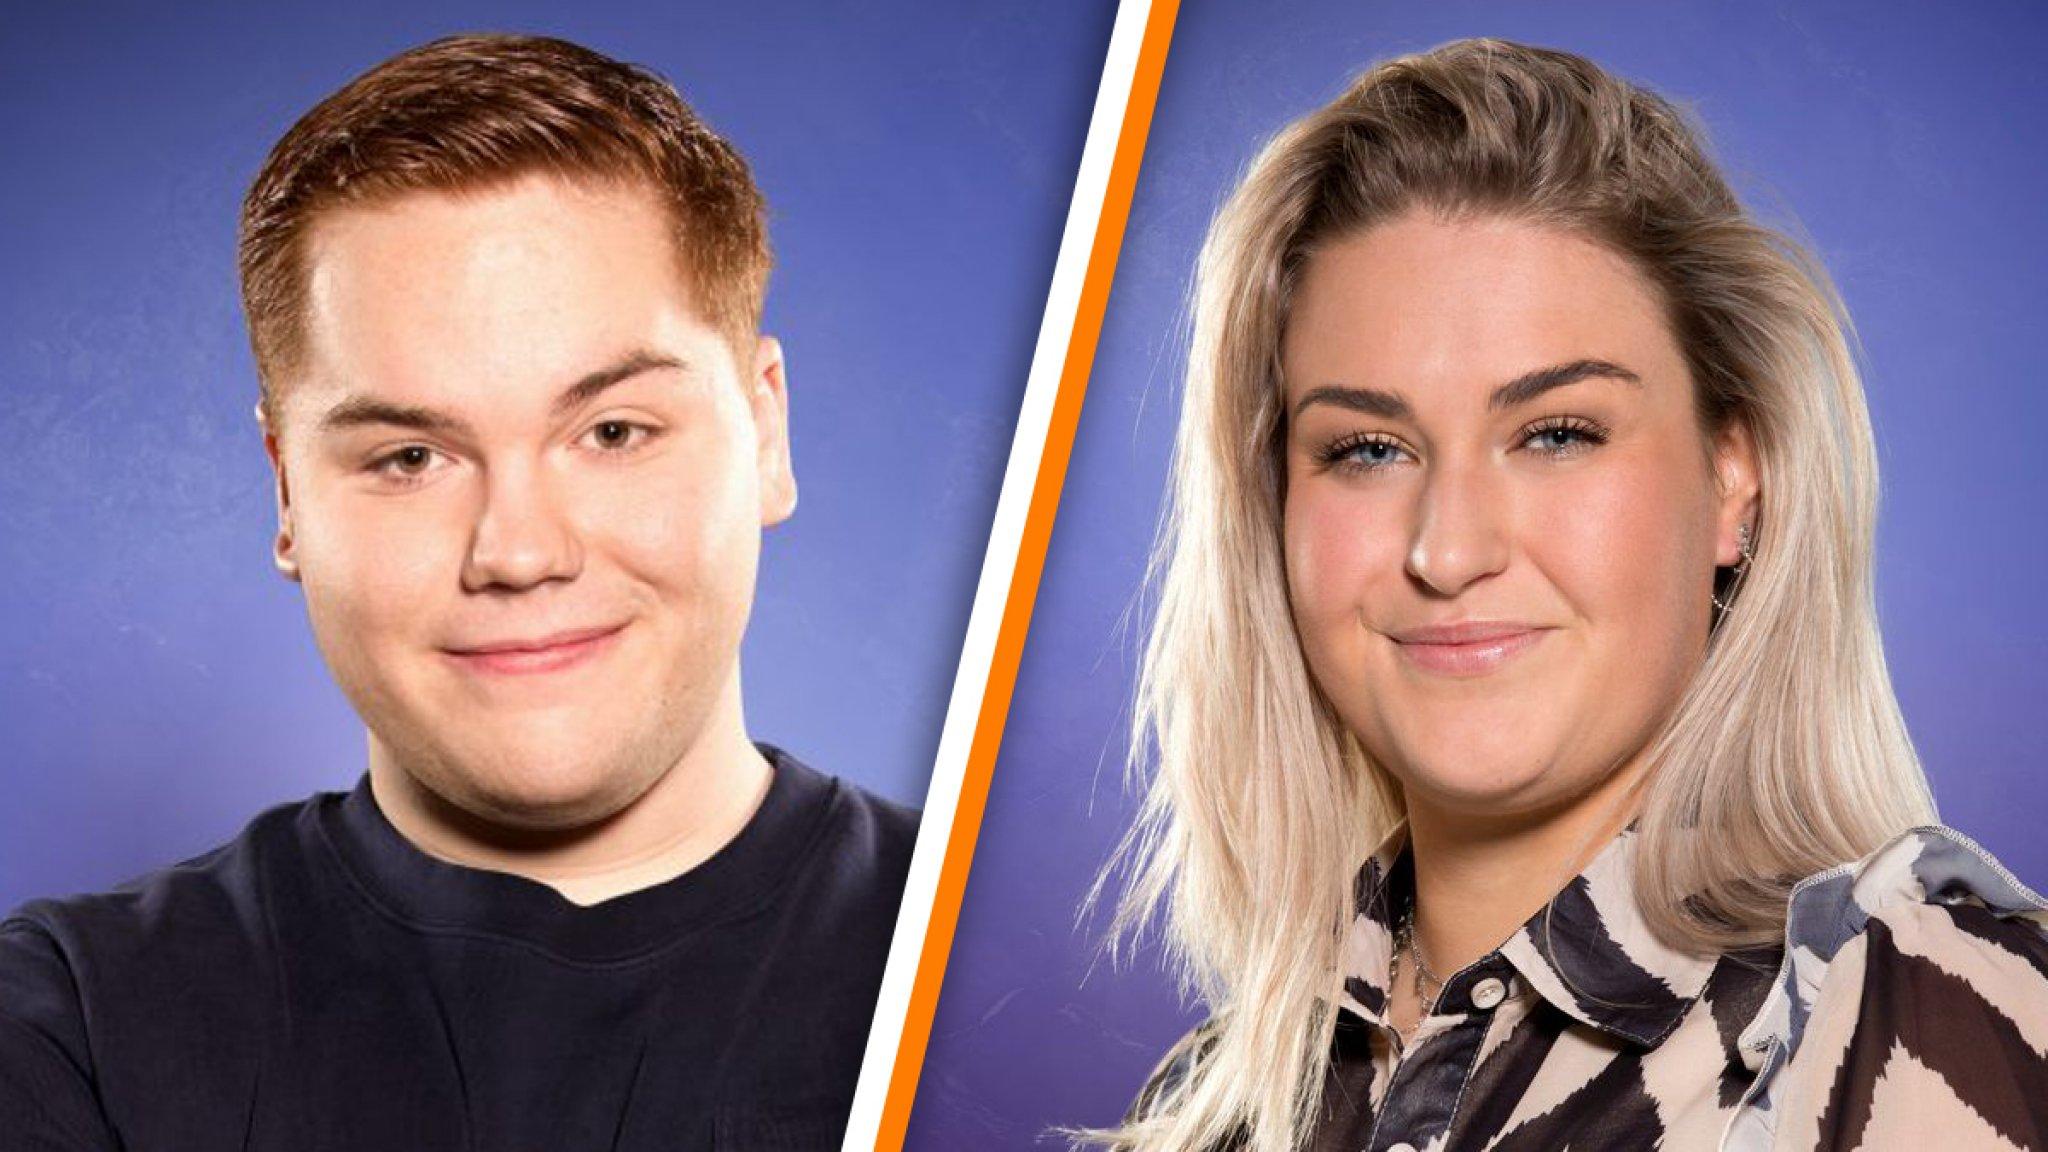 Jill en Matt uit Big Brother delen bed met elkaar na feestje - RTL Nieuws